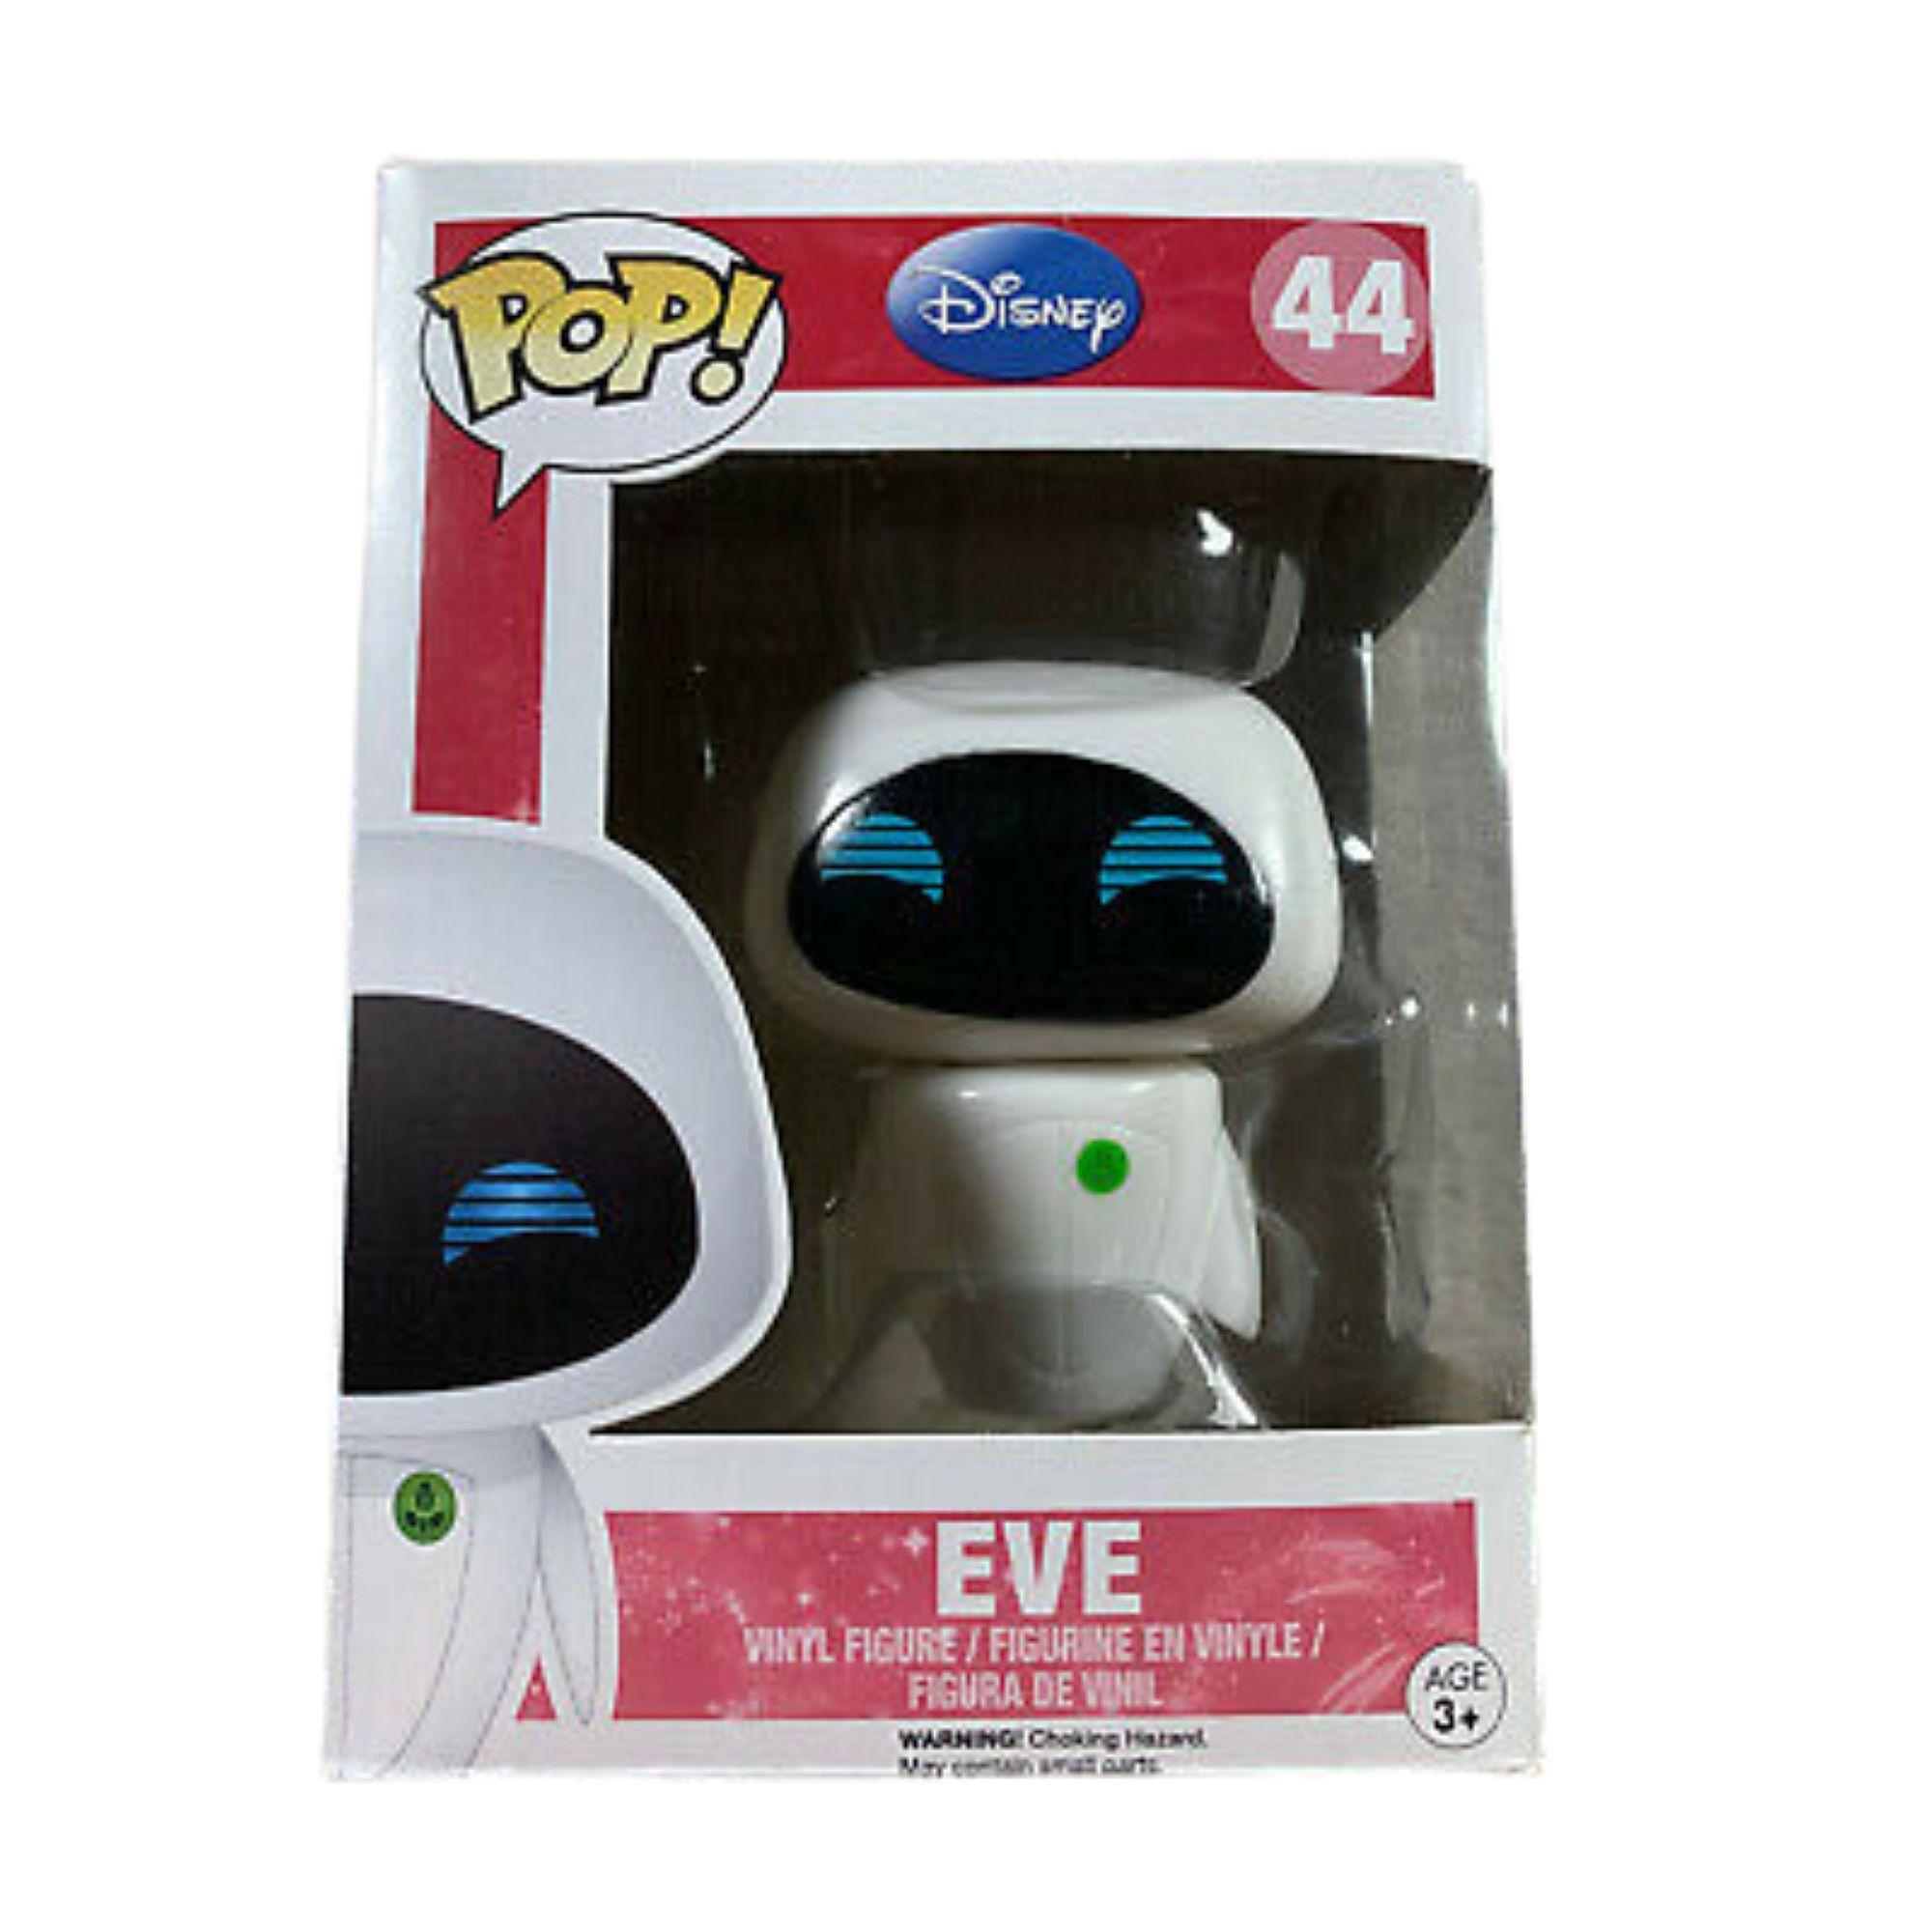 Funko Pop Disney Wall-e Eve #44  - Game Land Brinquedos